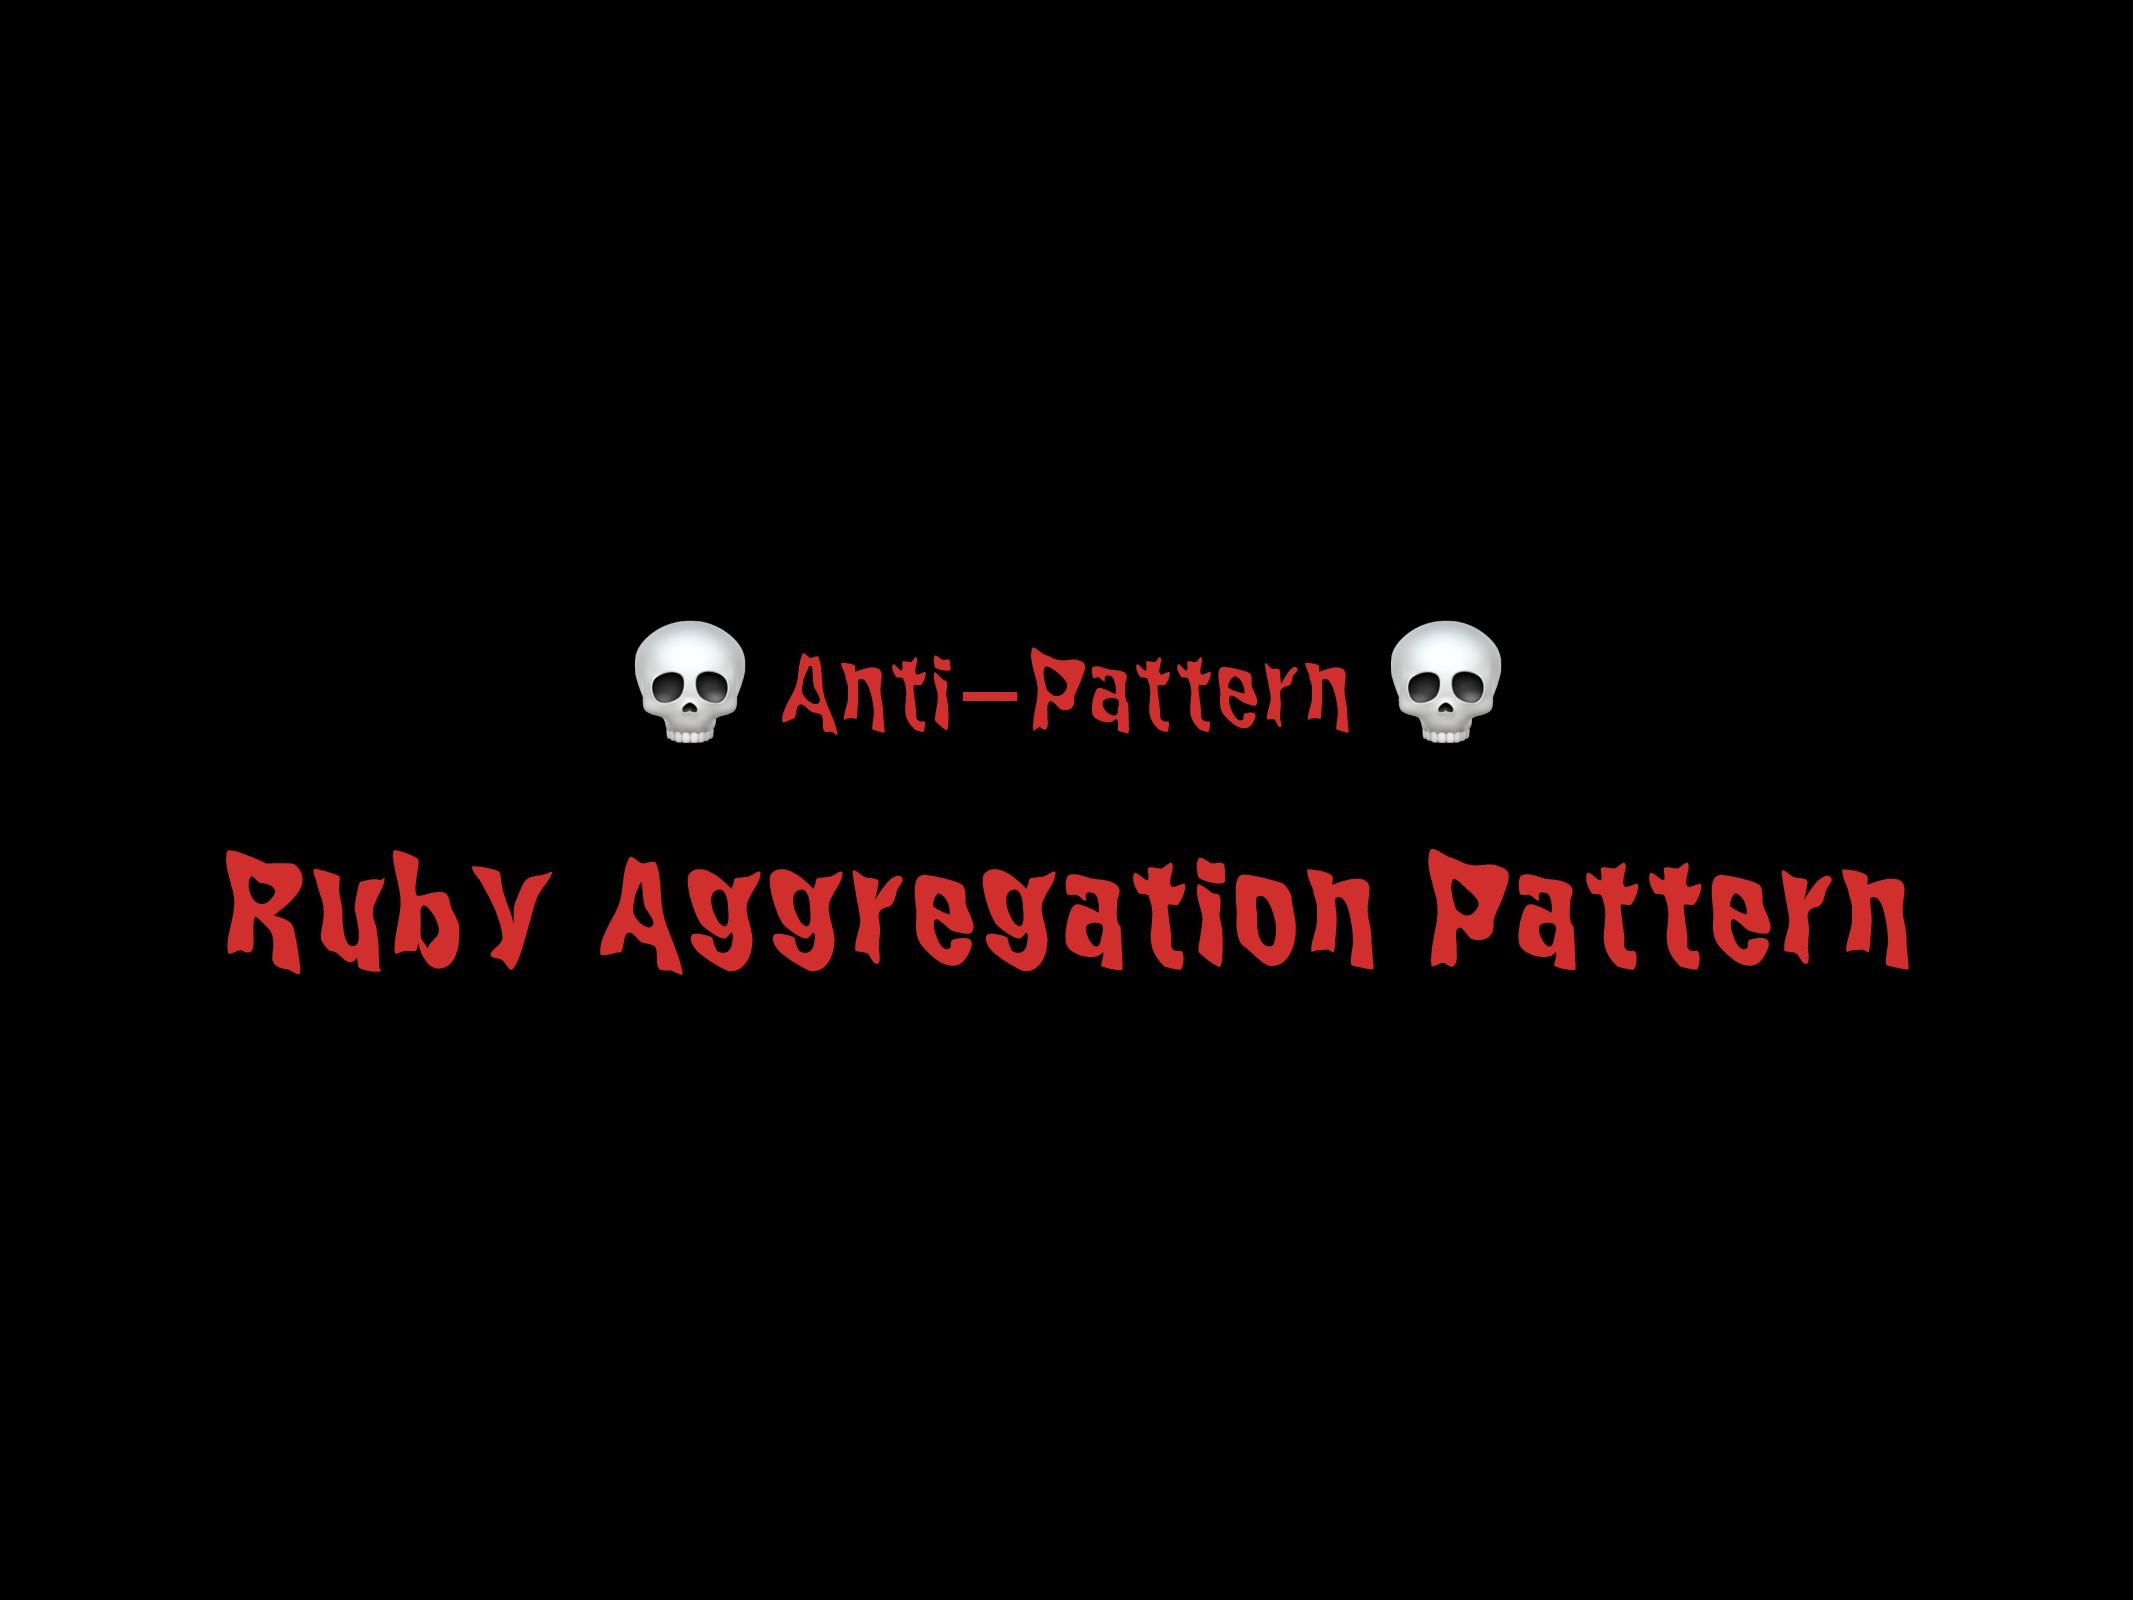 Ruby Aggregation Pattern 32  Anti-Pattern